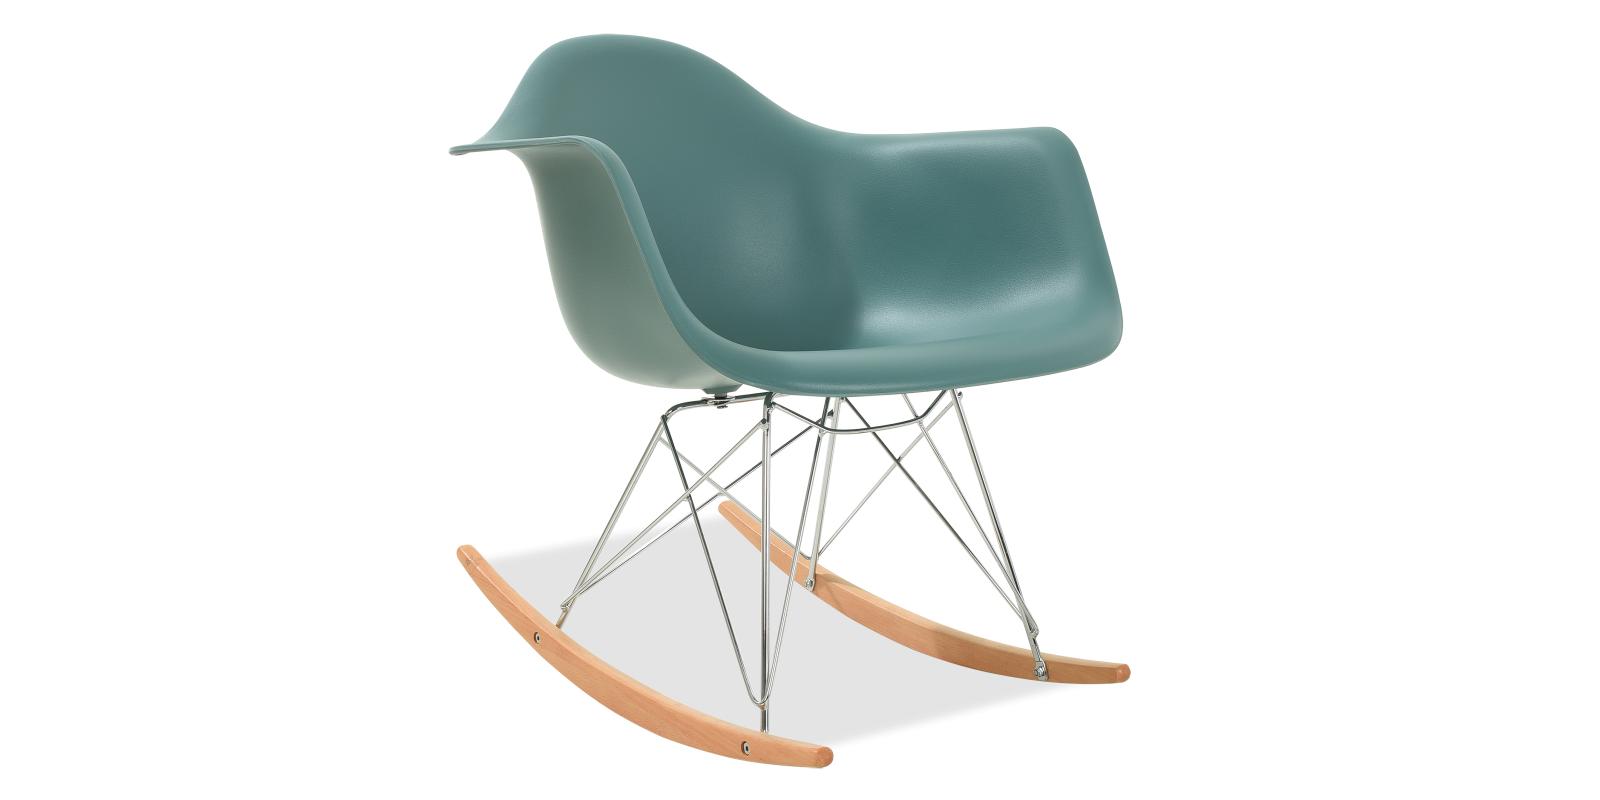 Rocking Chair Rar Chaise A Bascule Design Voga Eames Rocking Chair Rocking Chair Nursery Chair